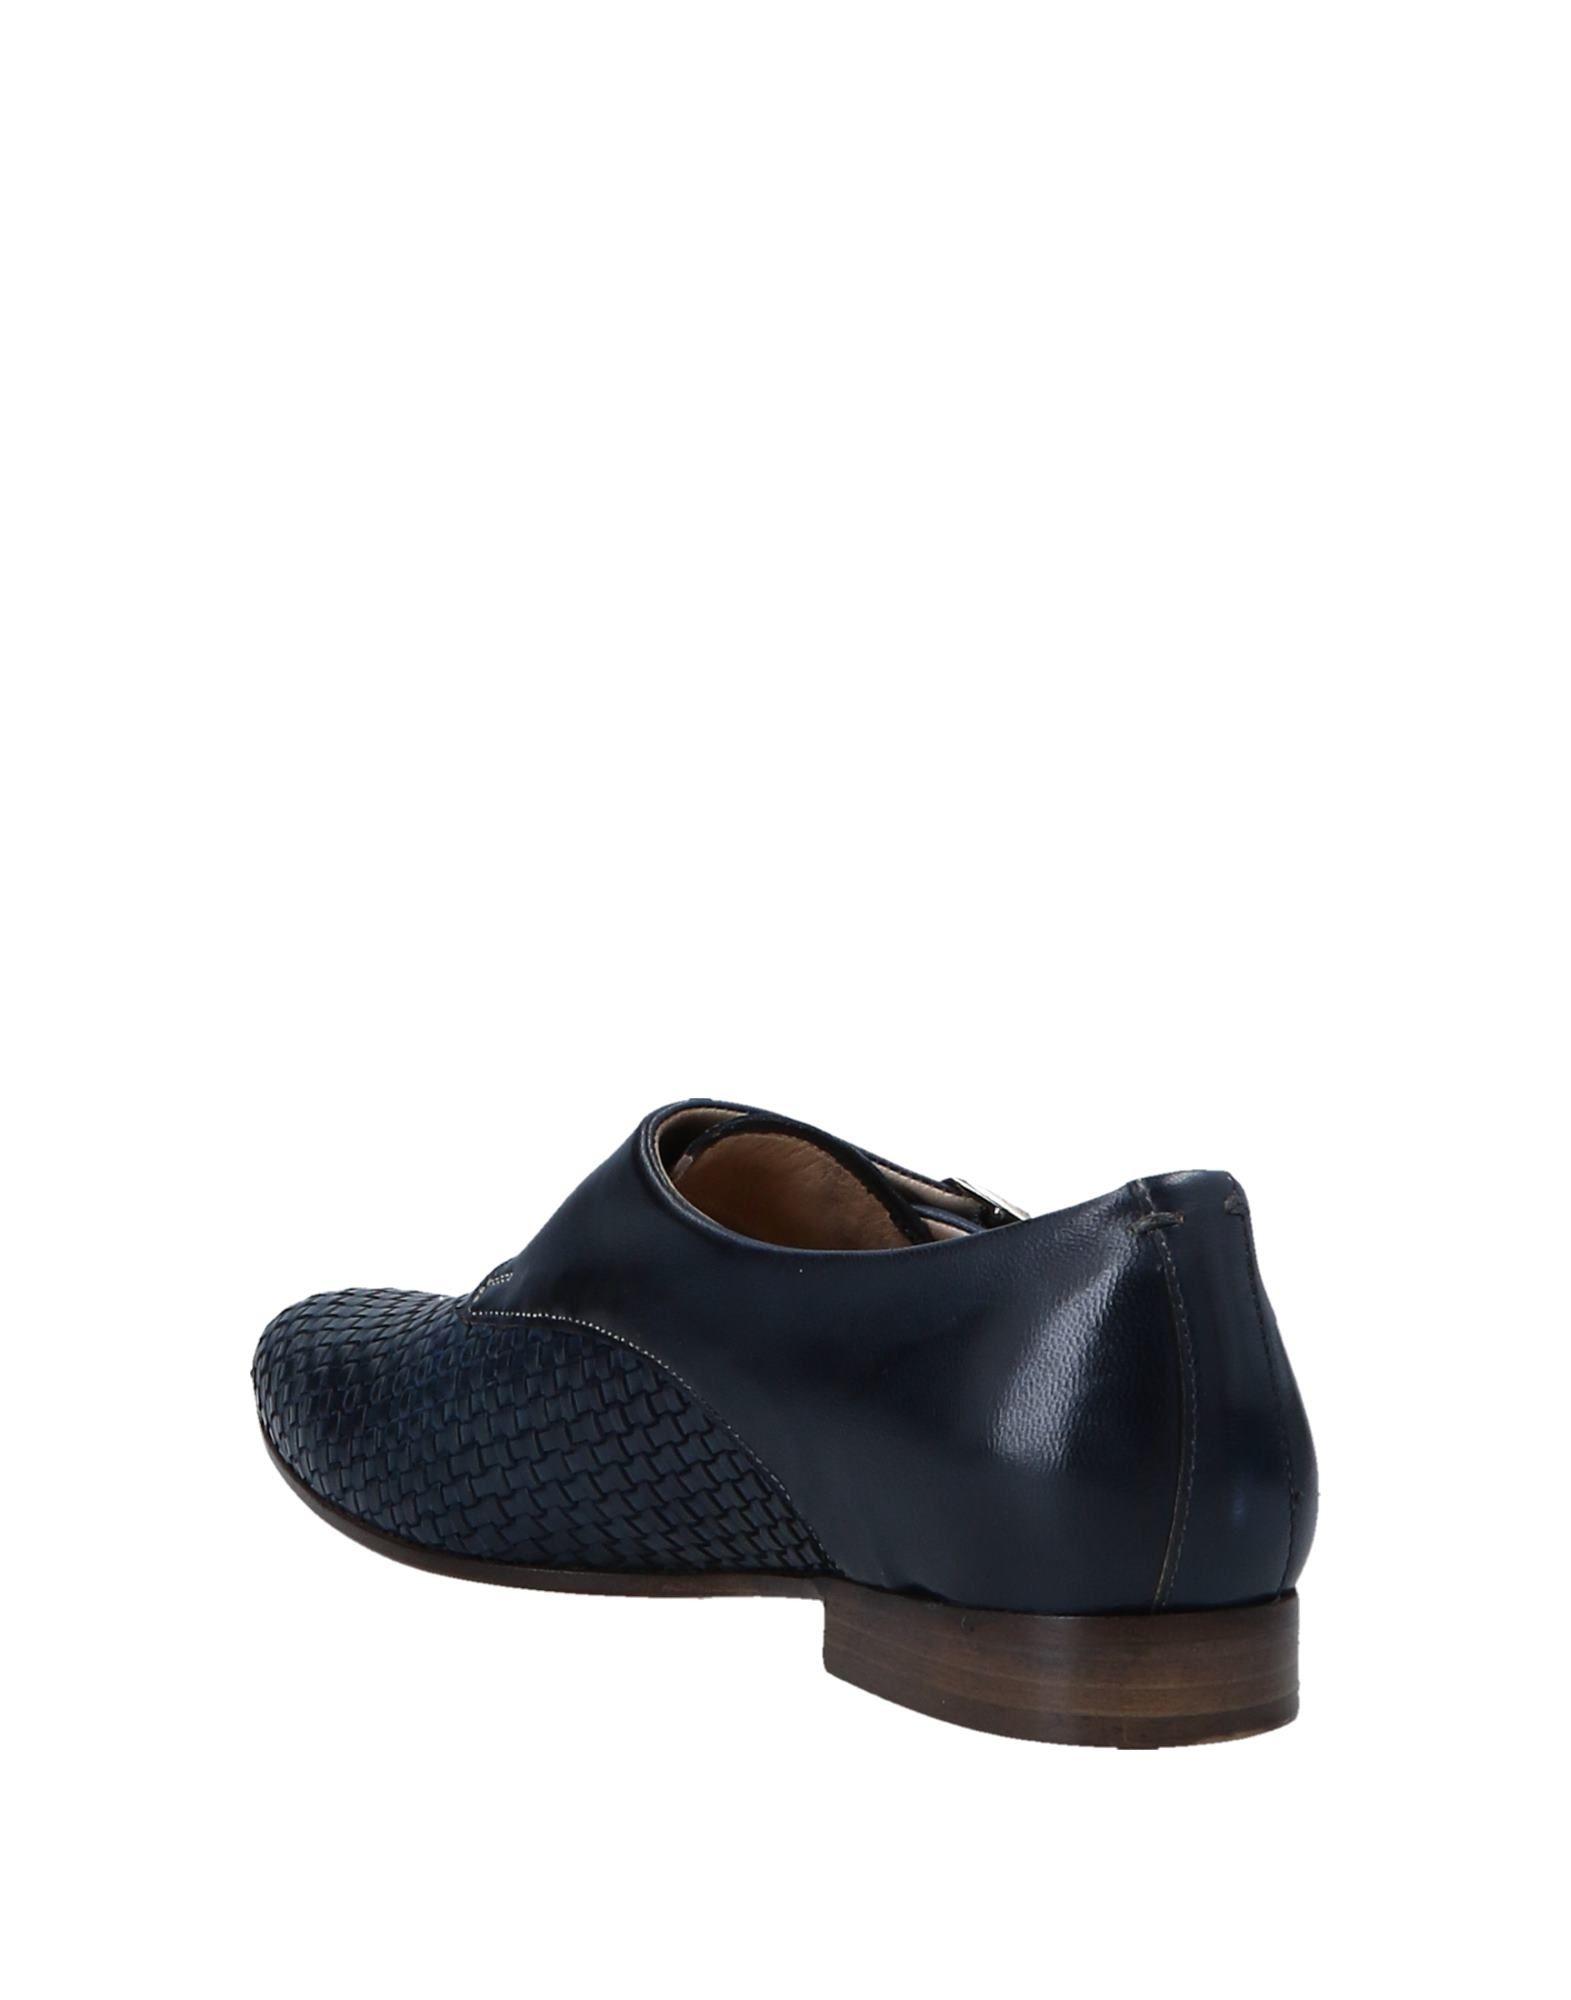 Calpierre Mokassins Damen beliebte  11551944SP Gute Qualität beliebte Damen Schuhe 6d508c